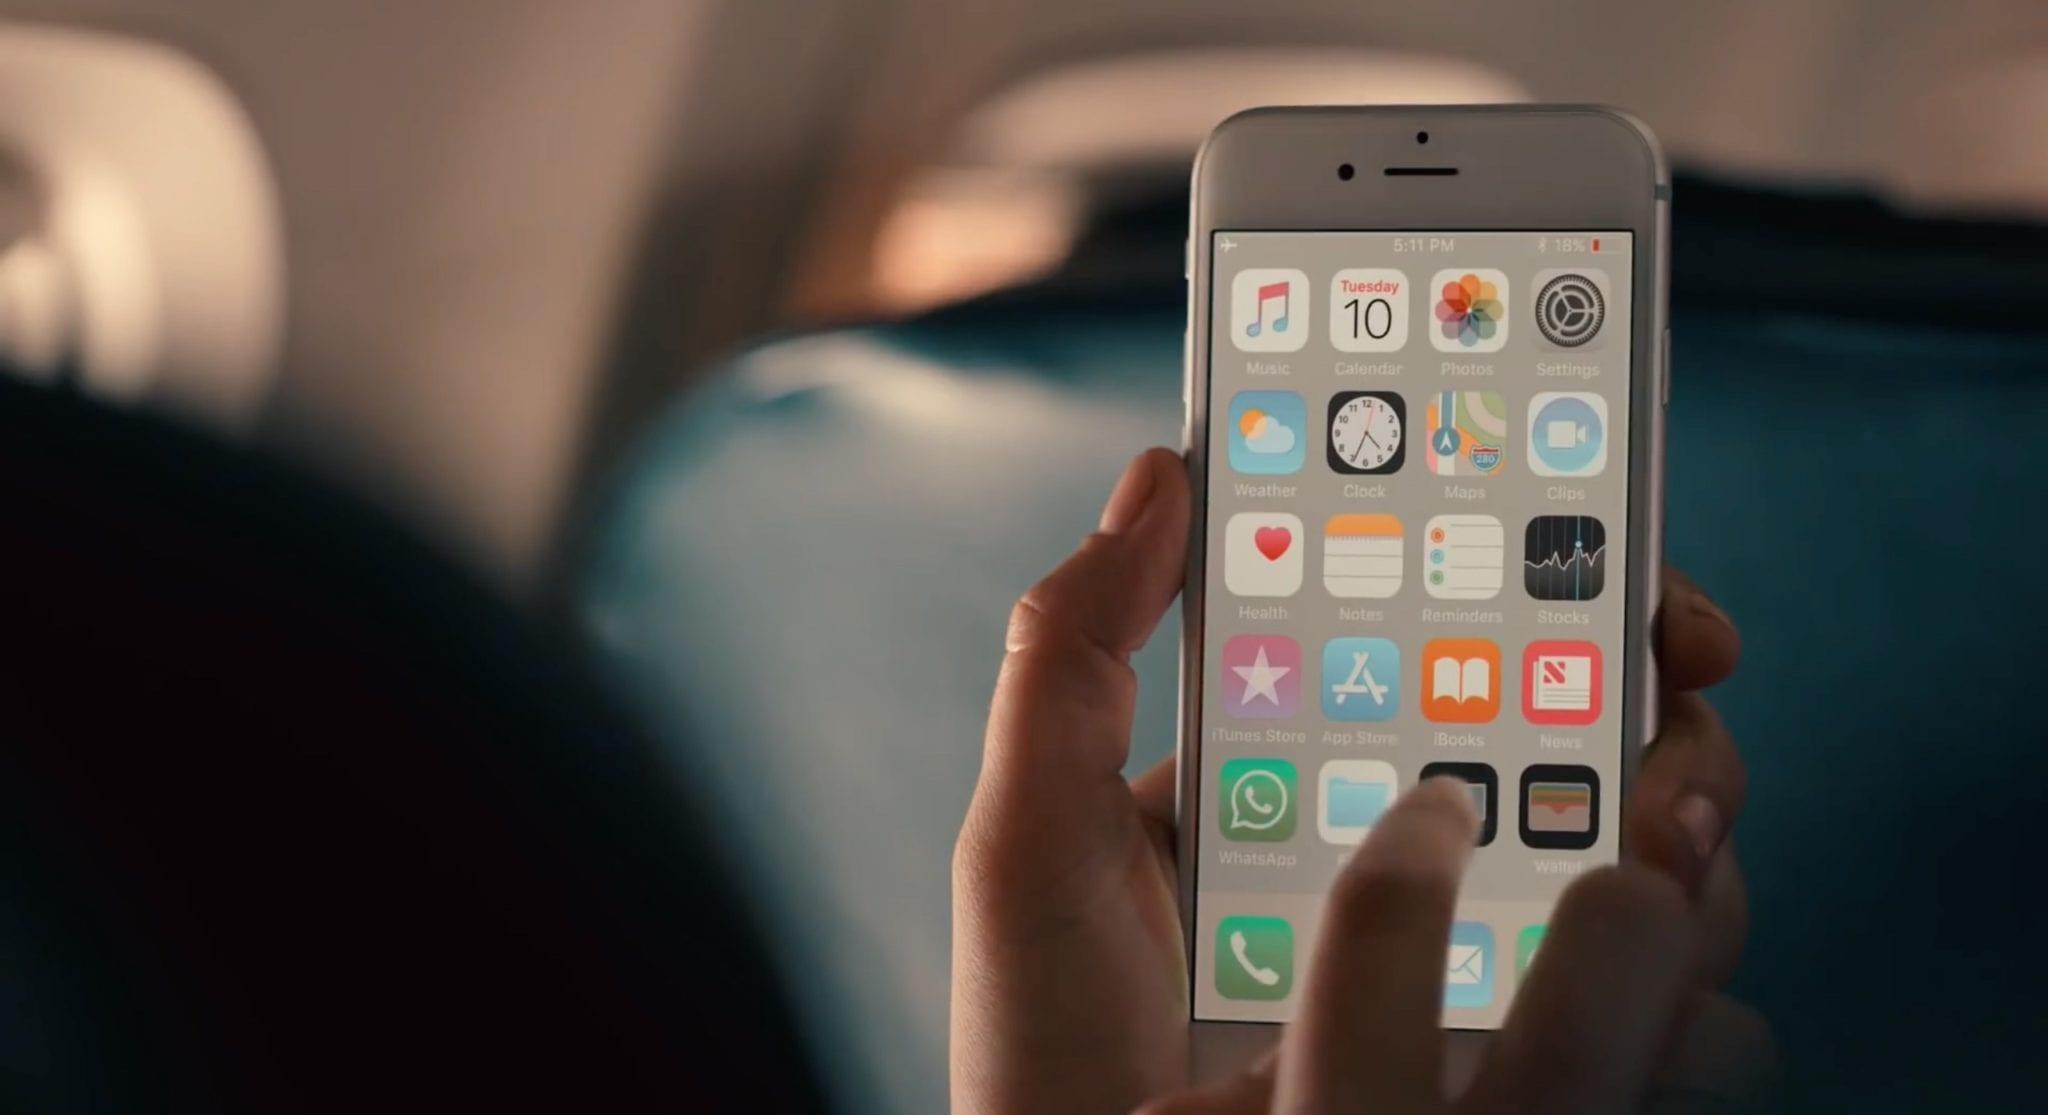 samsung vs iphone6 ad plane - Samsung sa v novej reklame porovnáva so štyri roky starým iPhonom 6